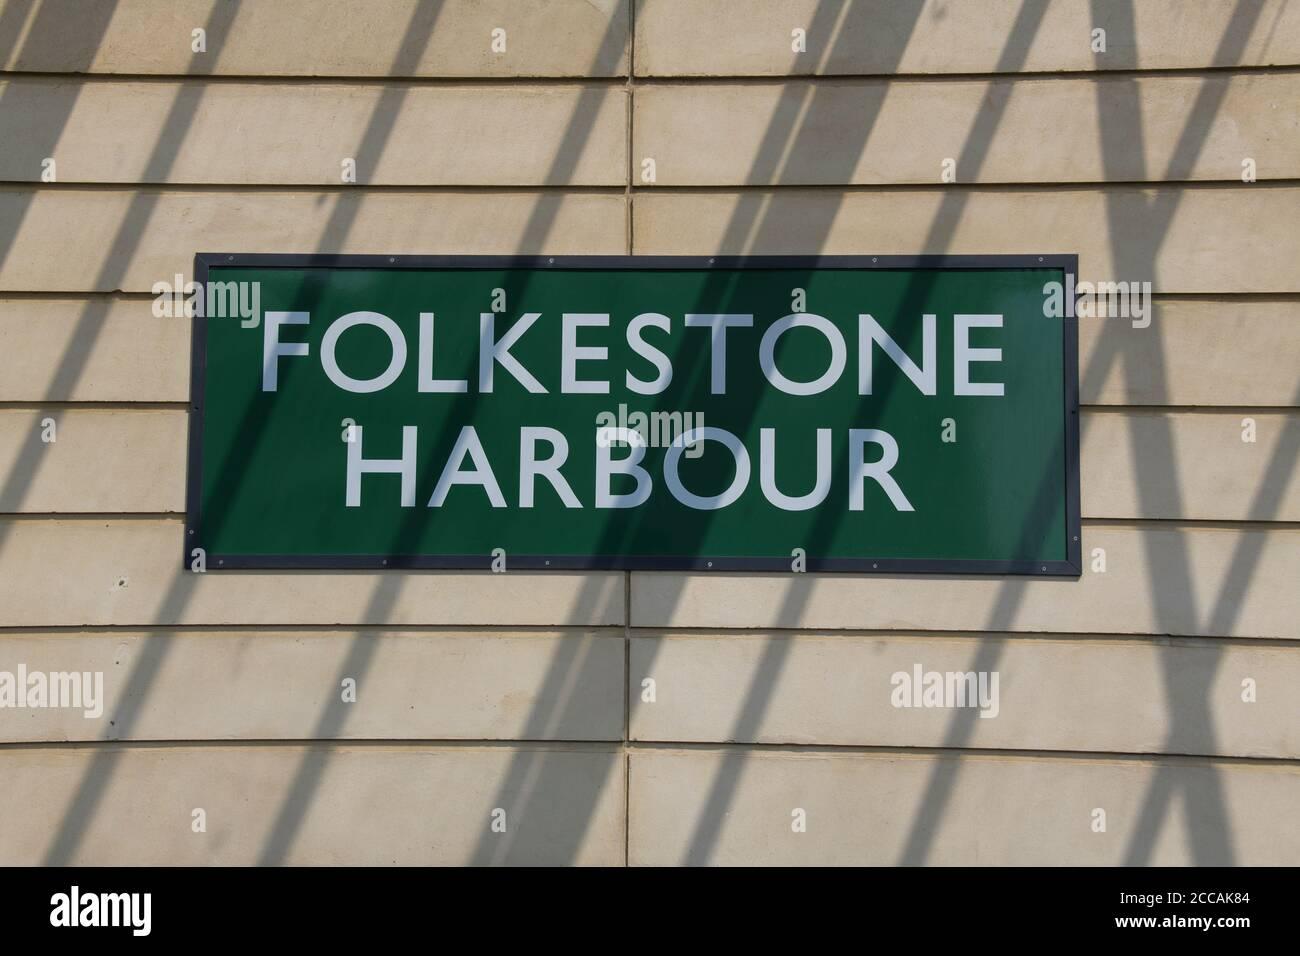 Panneau de plate-forme Folkestone Folkestone Harbour Gare de Kent Angleterre Banque D'Images